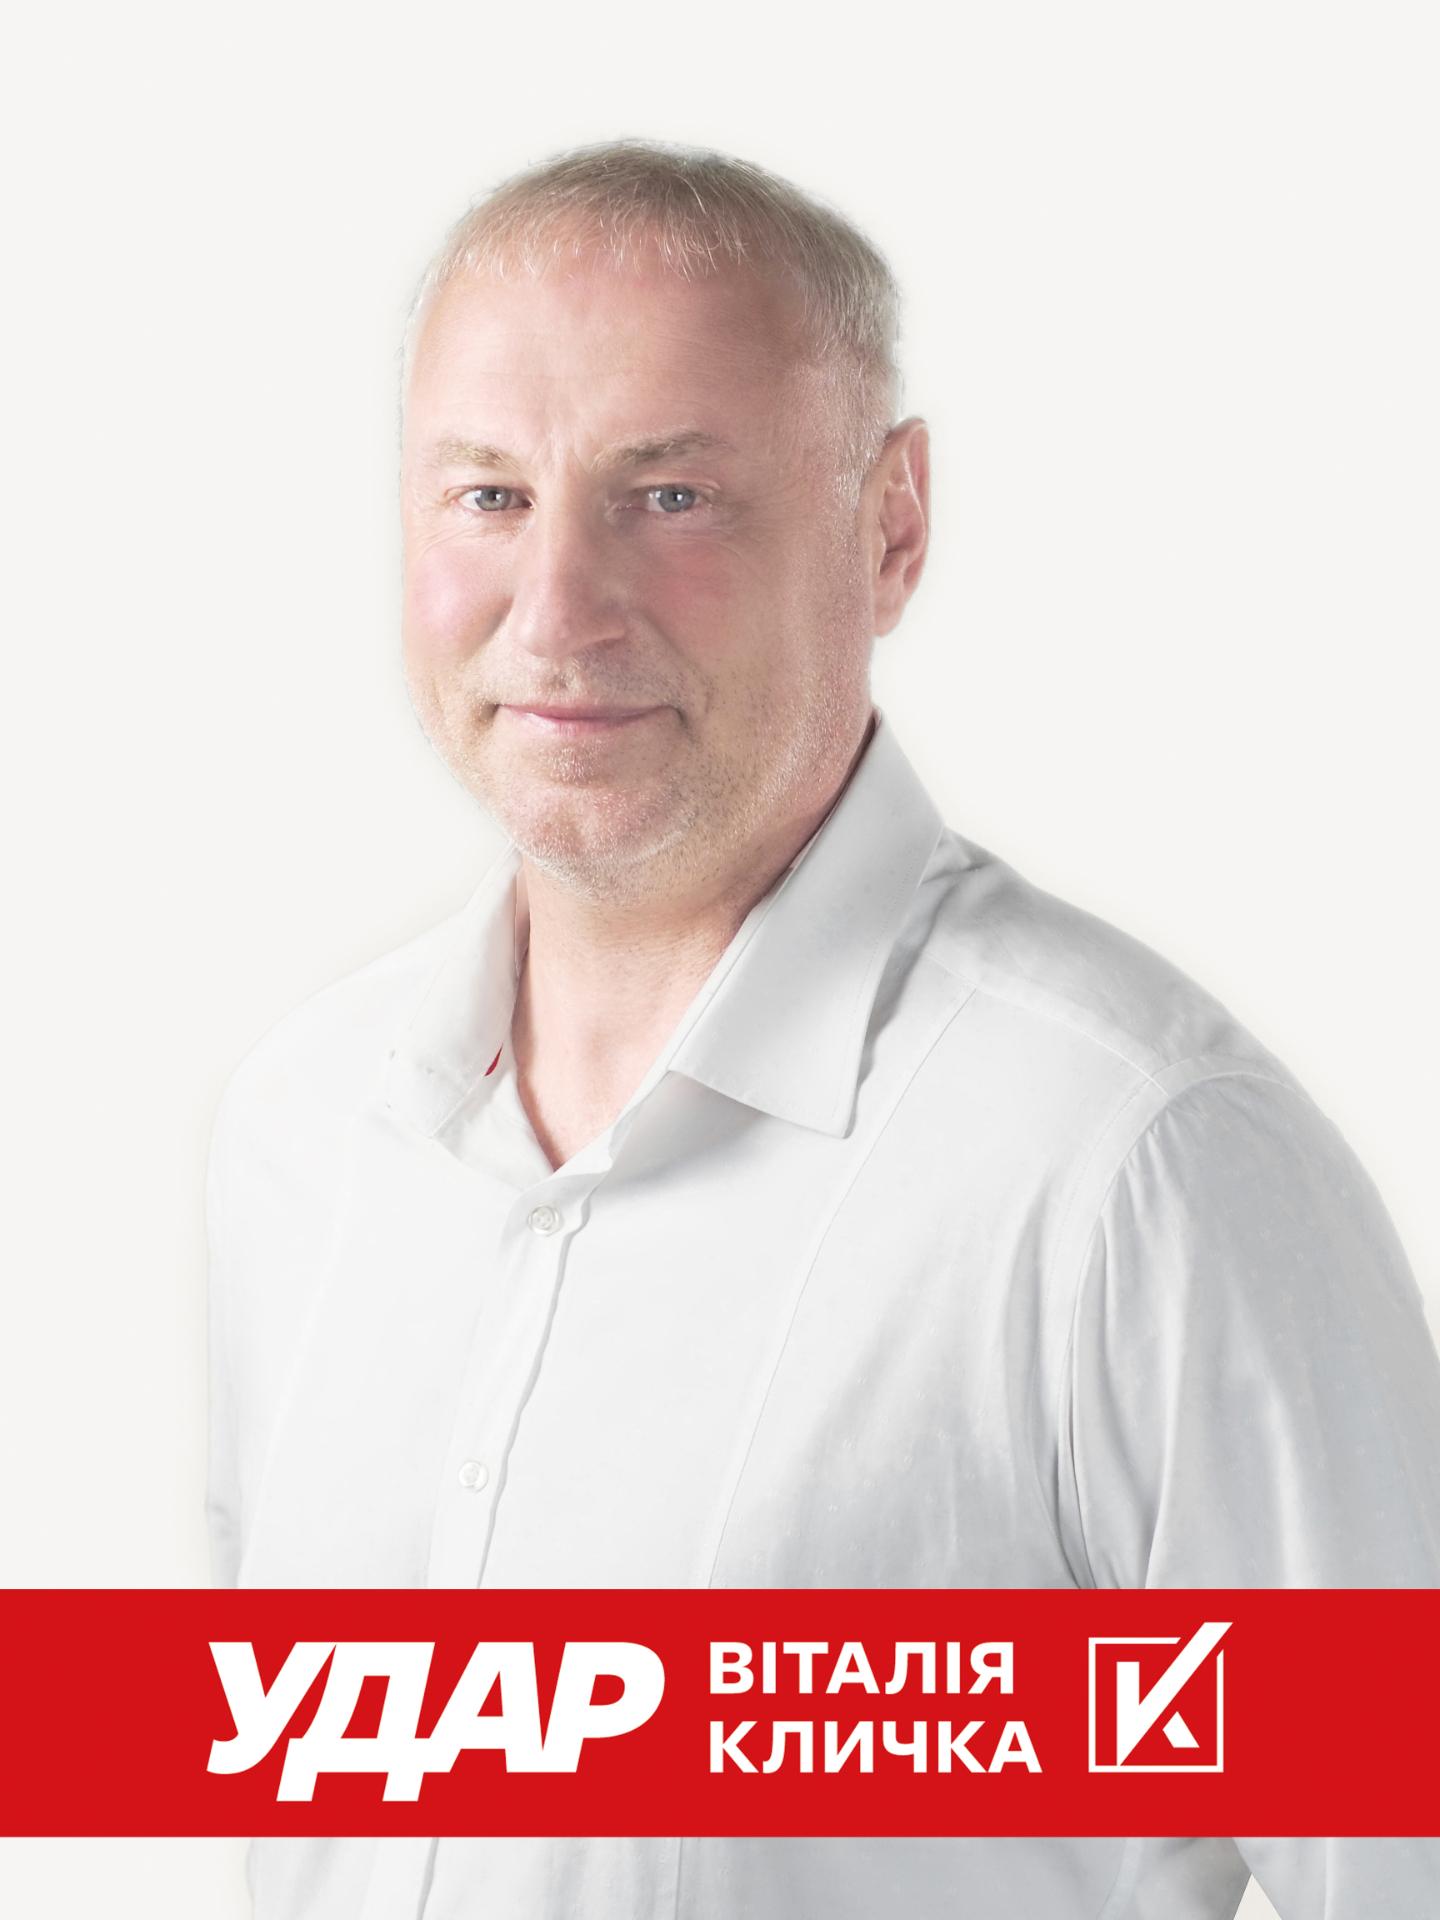 Храмов Василь Васильович